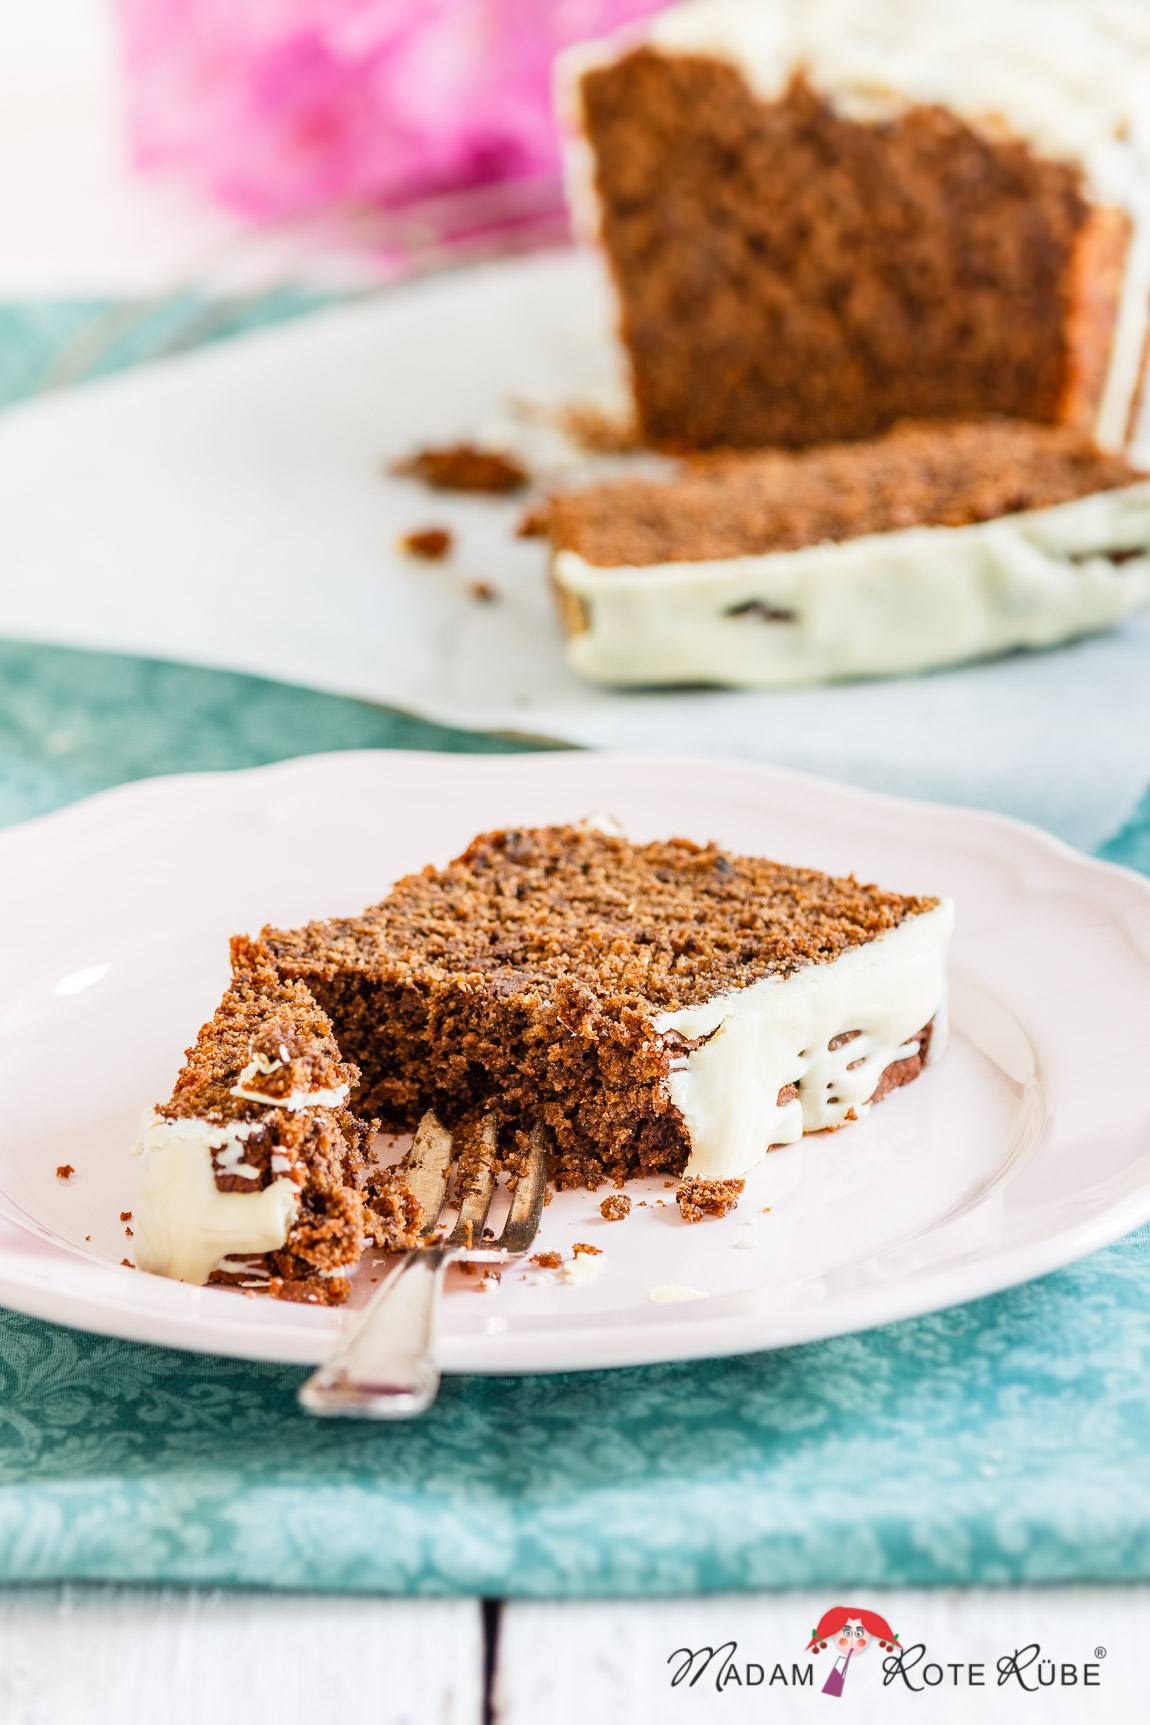 Madam Rote Rübe - Rucksackschmaus VI: Schokoladiger Buttermilch-Kuchen mit Dinkelvollkornmehl aus der Kastenform und der Höfener Heckenweg / Eifel